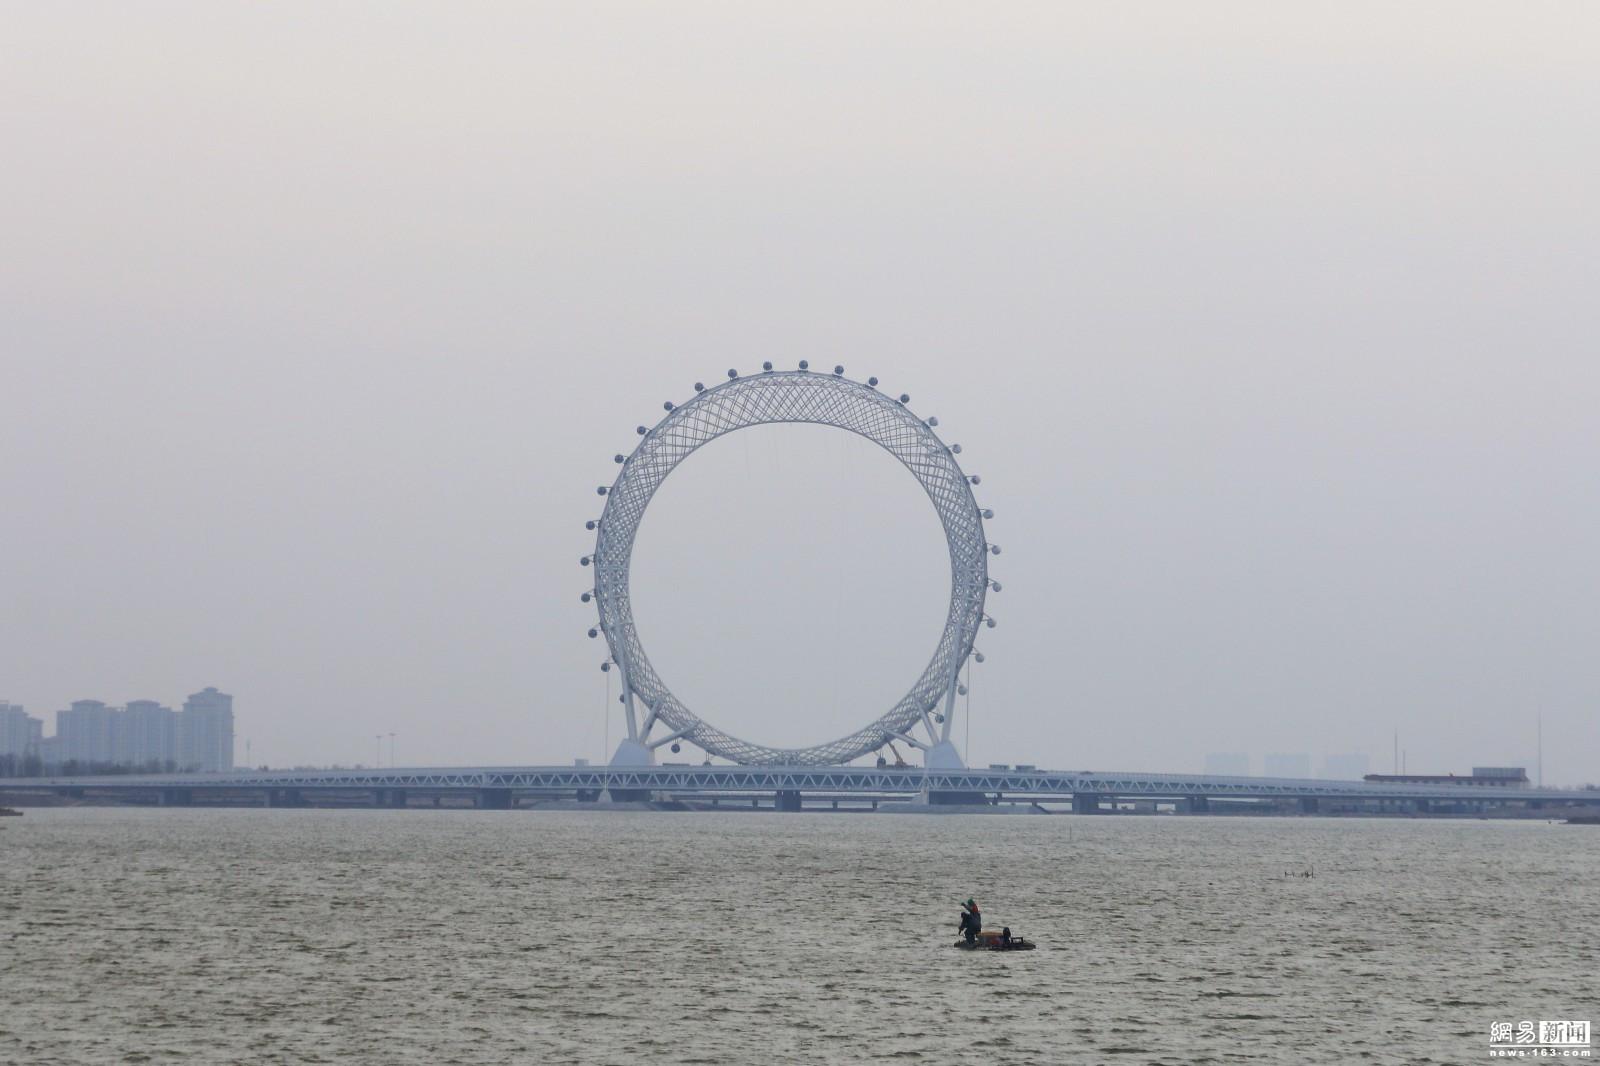 山东现世界最大无轴式摩天轮 高145米 - 周公乐 - xinhua8848 的博客